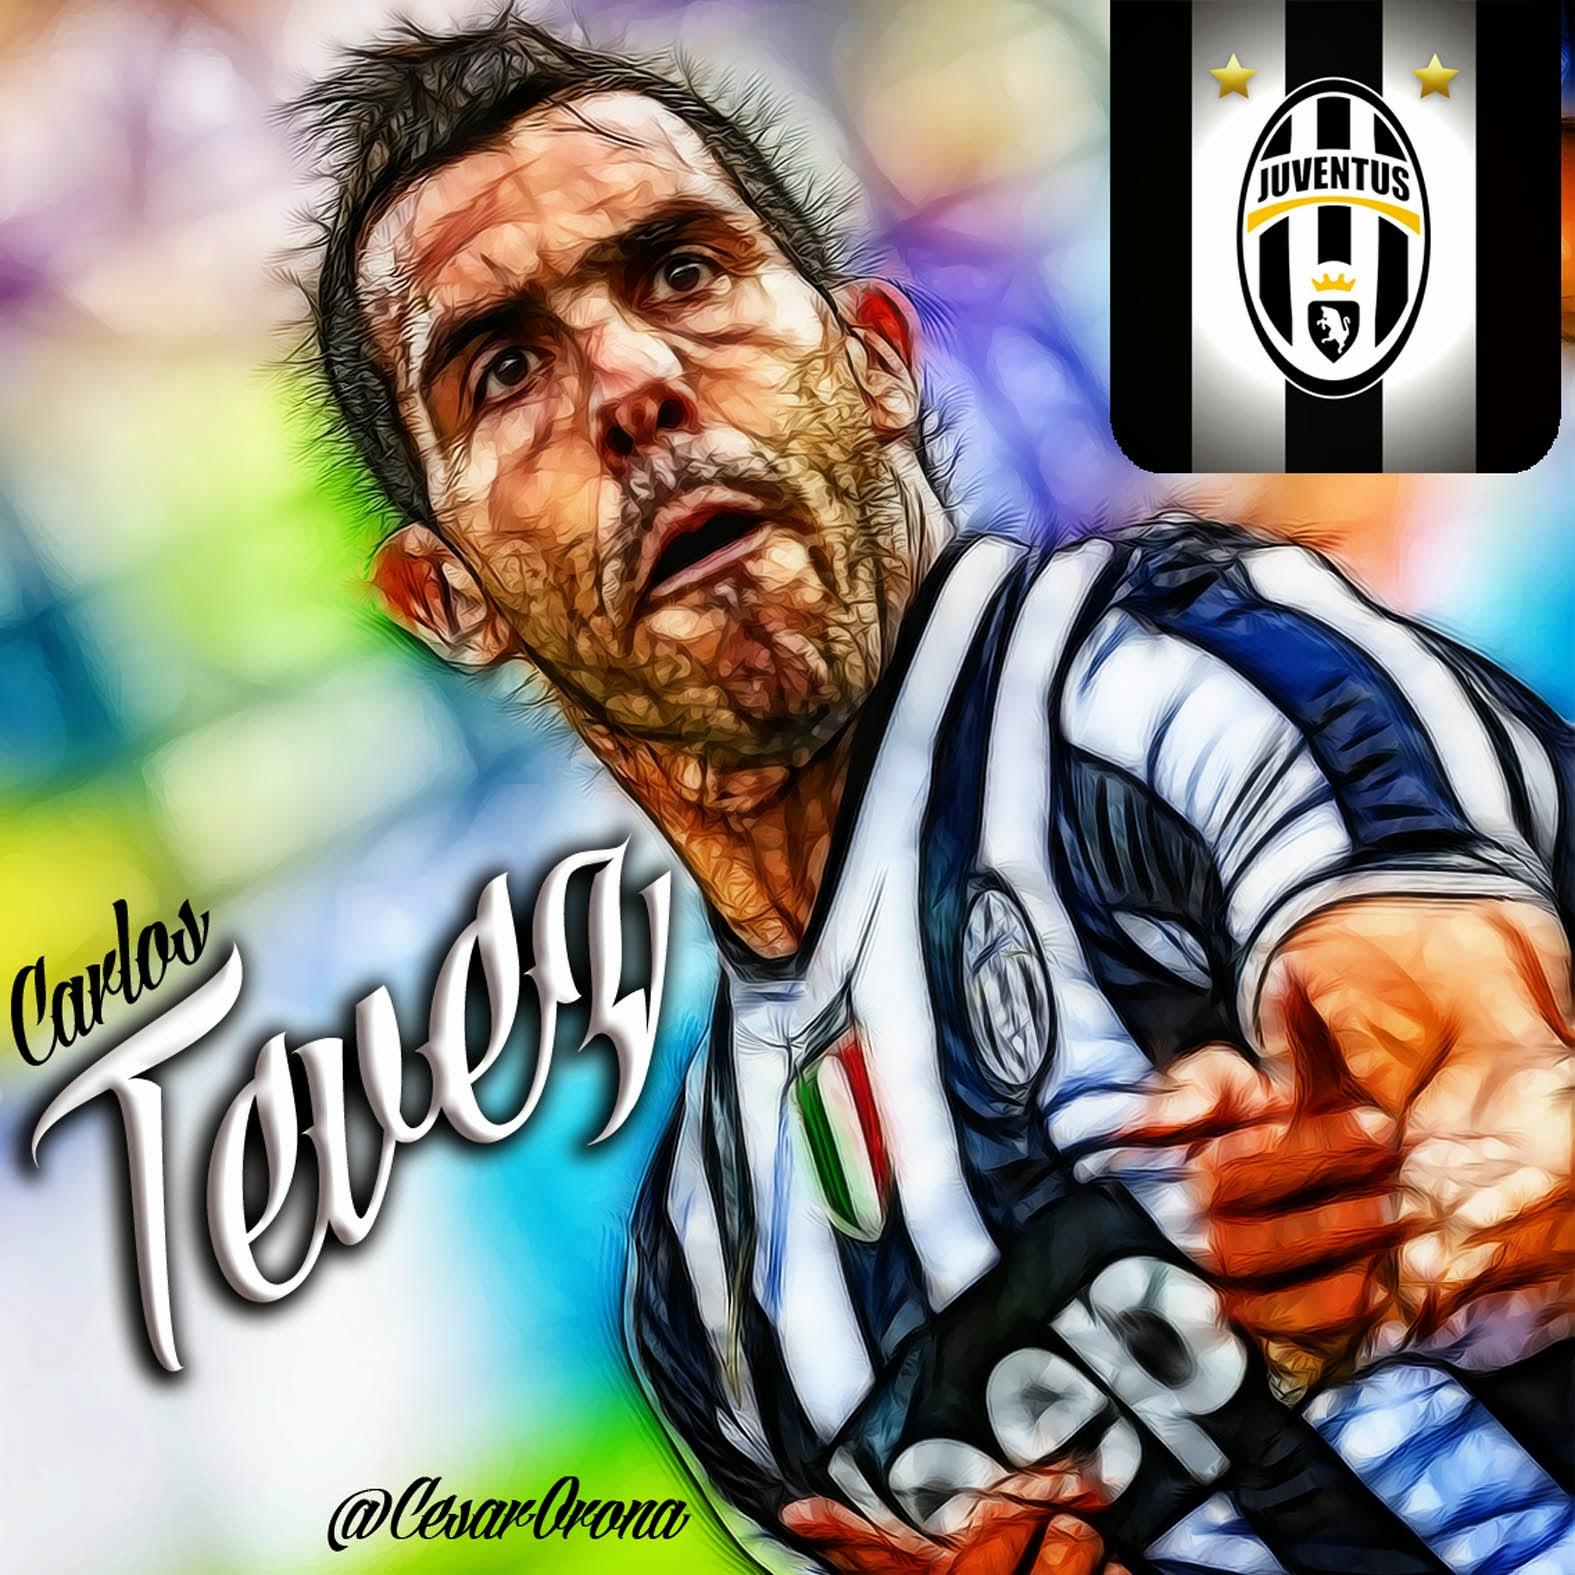 Cesar Orona Caricaturas Futbol y Más...: Carlos Tevez Juventus Carlos Tevez Juventus